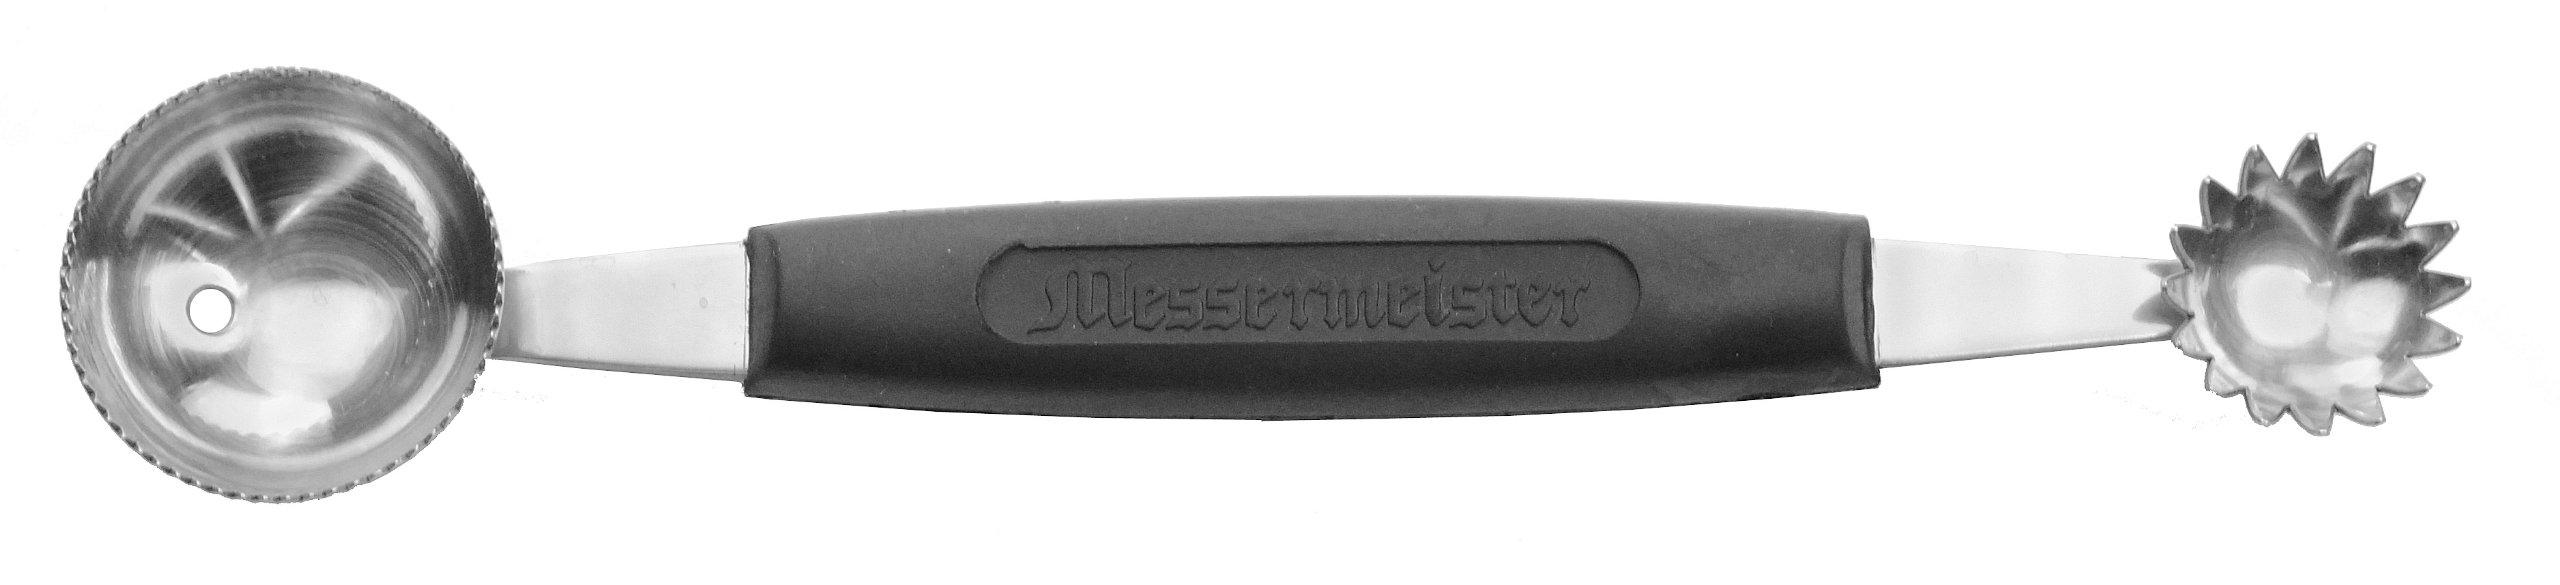 Messermeister Double-Ended Melon Baller, Serrated 30mm/Tomato Shark